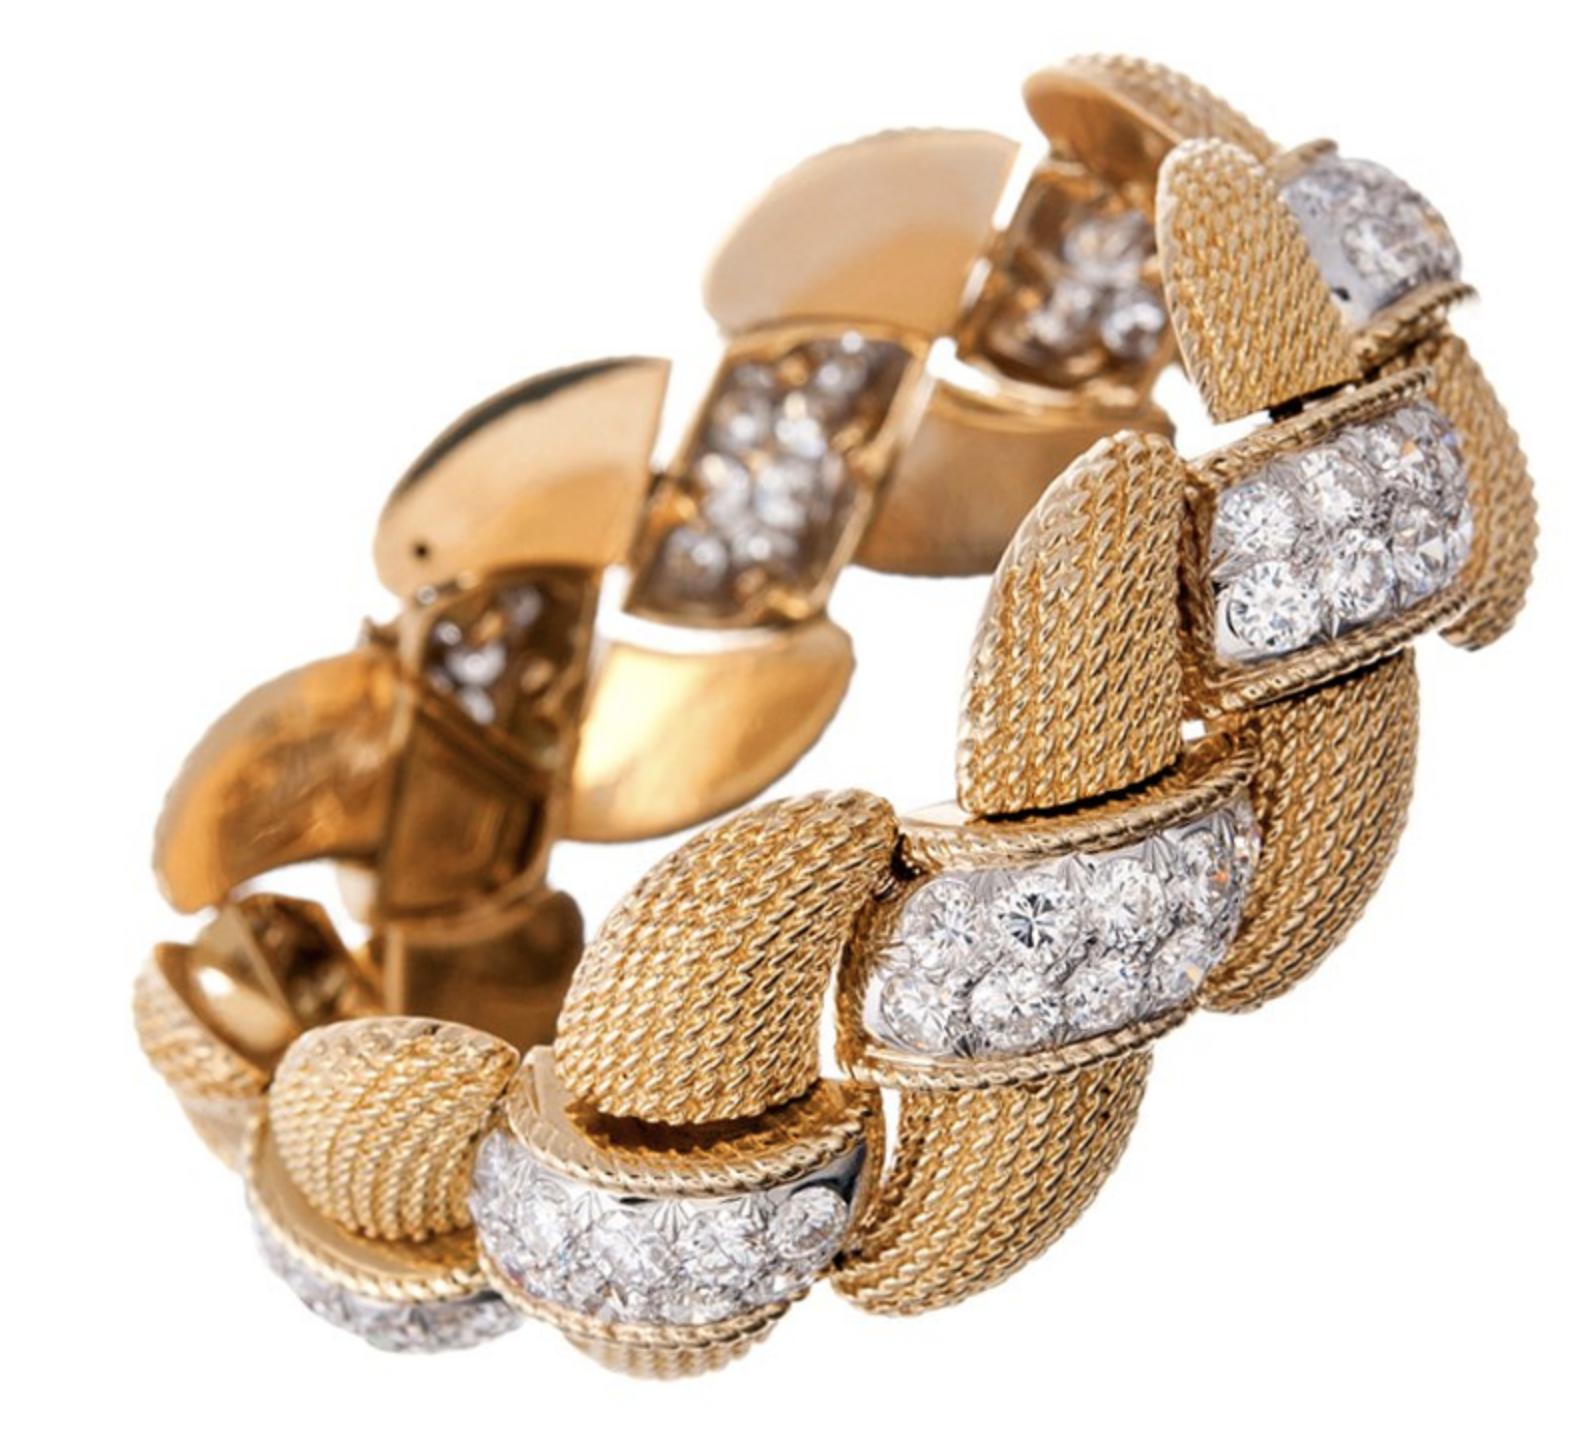 Juwelier Mere - Uhren Ankauf Berlin, Schmuckankauf, Goldankauf, Münzen, Pelze